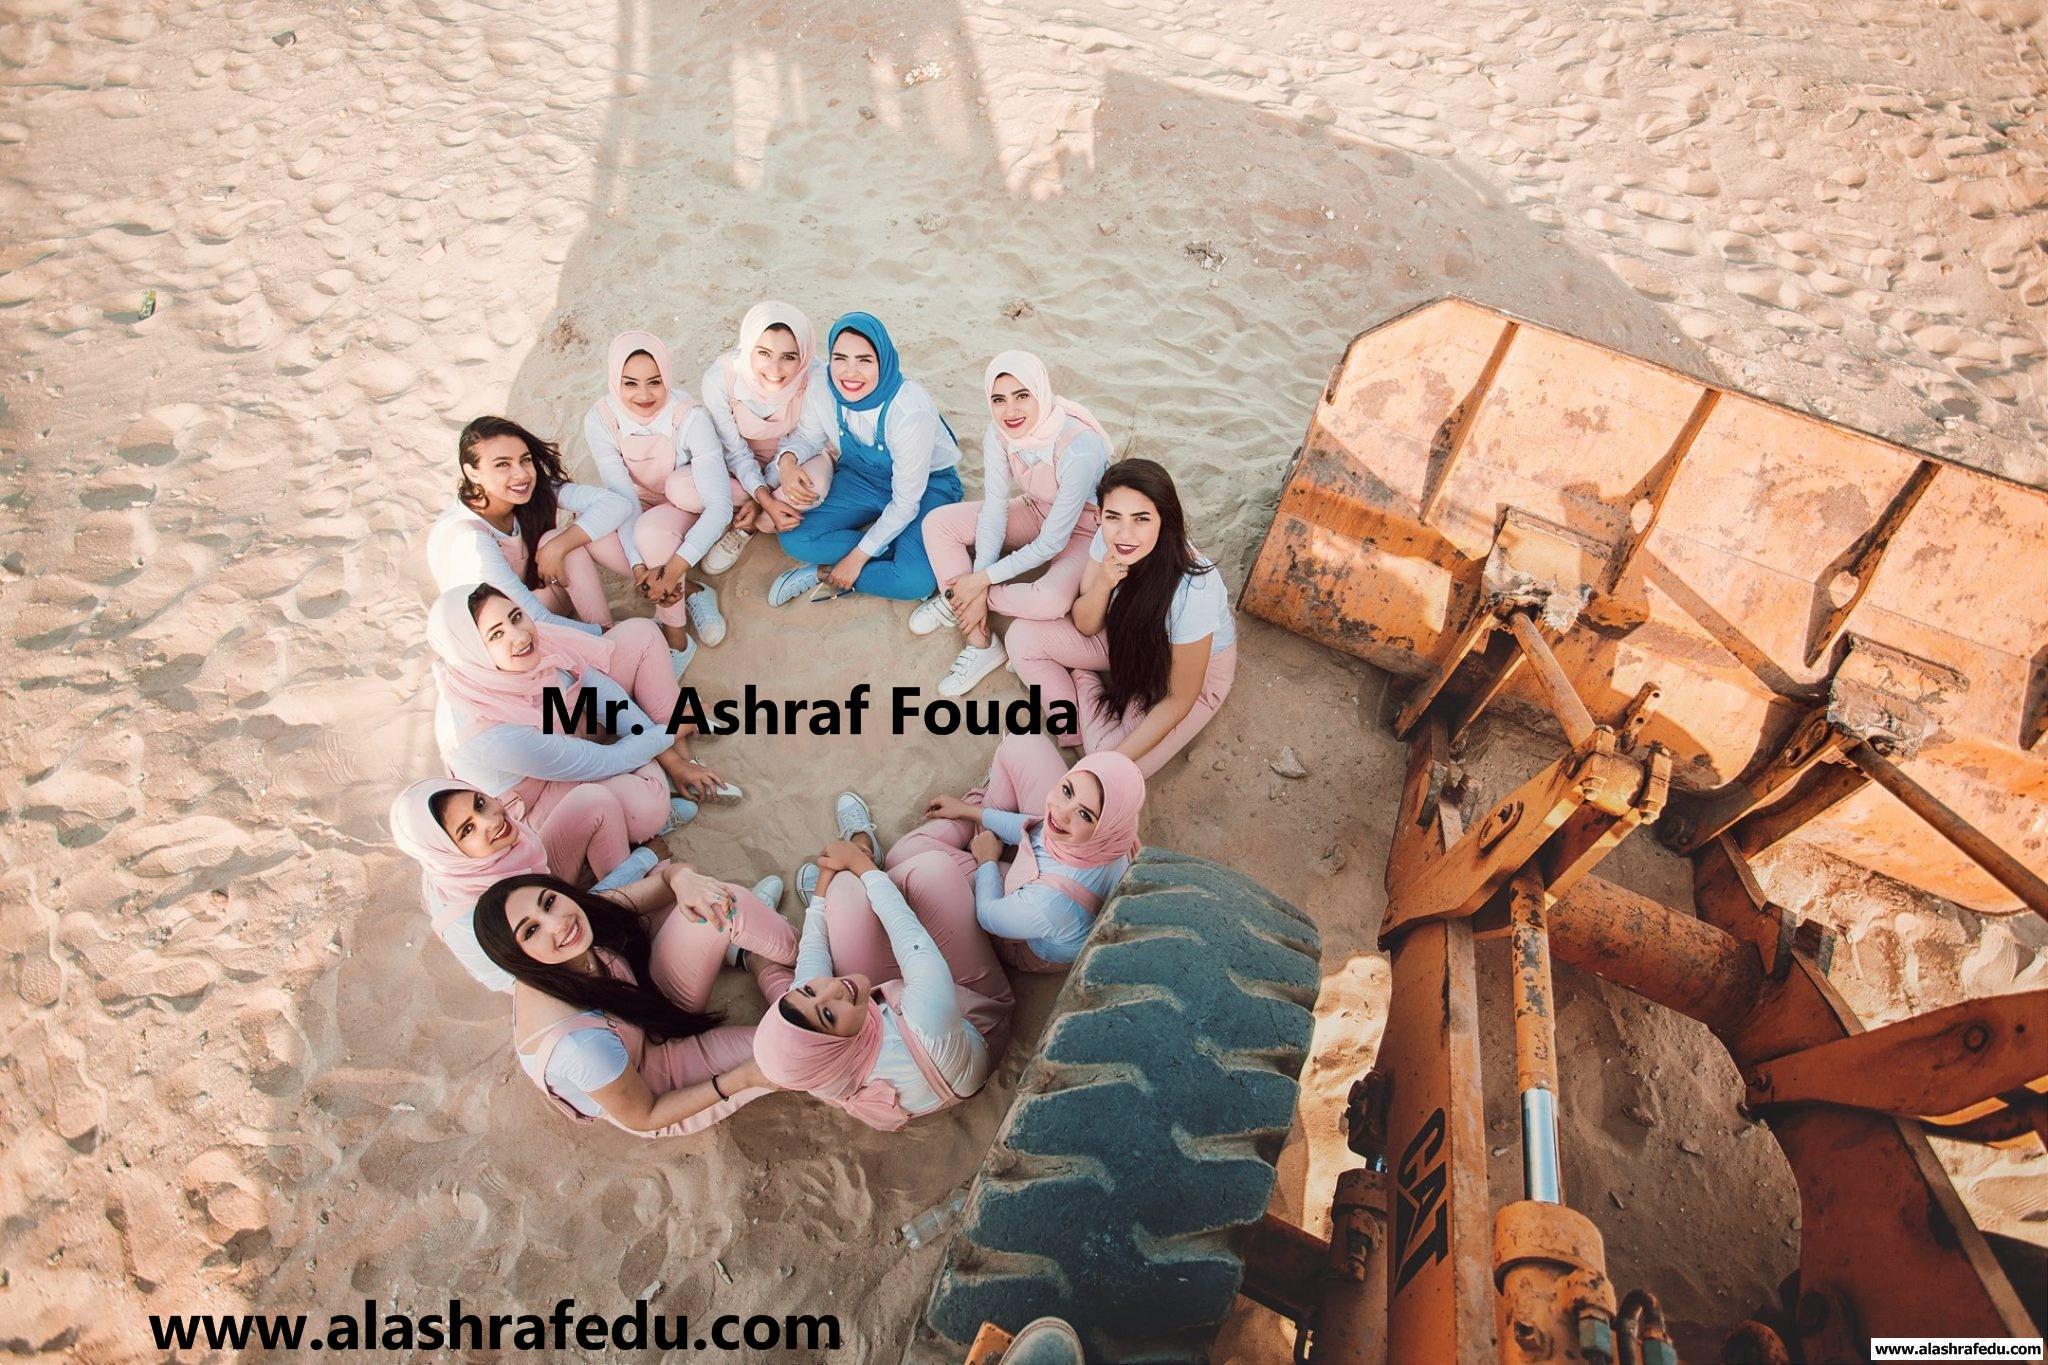 جلسة تصوير سيشن 2017 لمجموعـة www.alashrafedu.com1